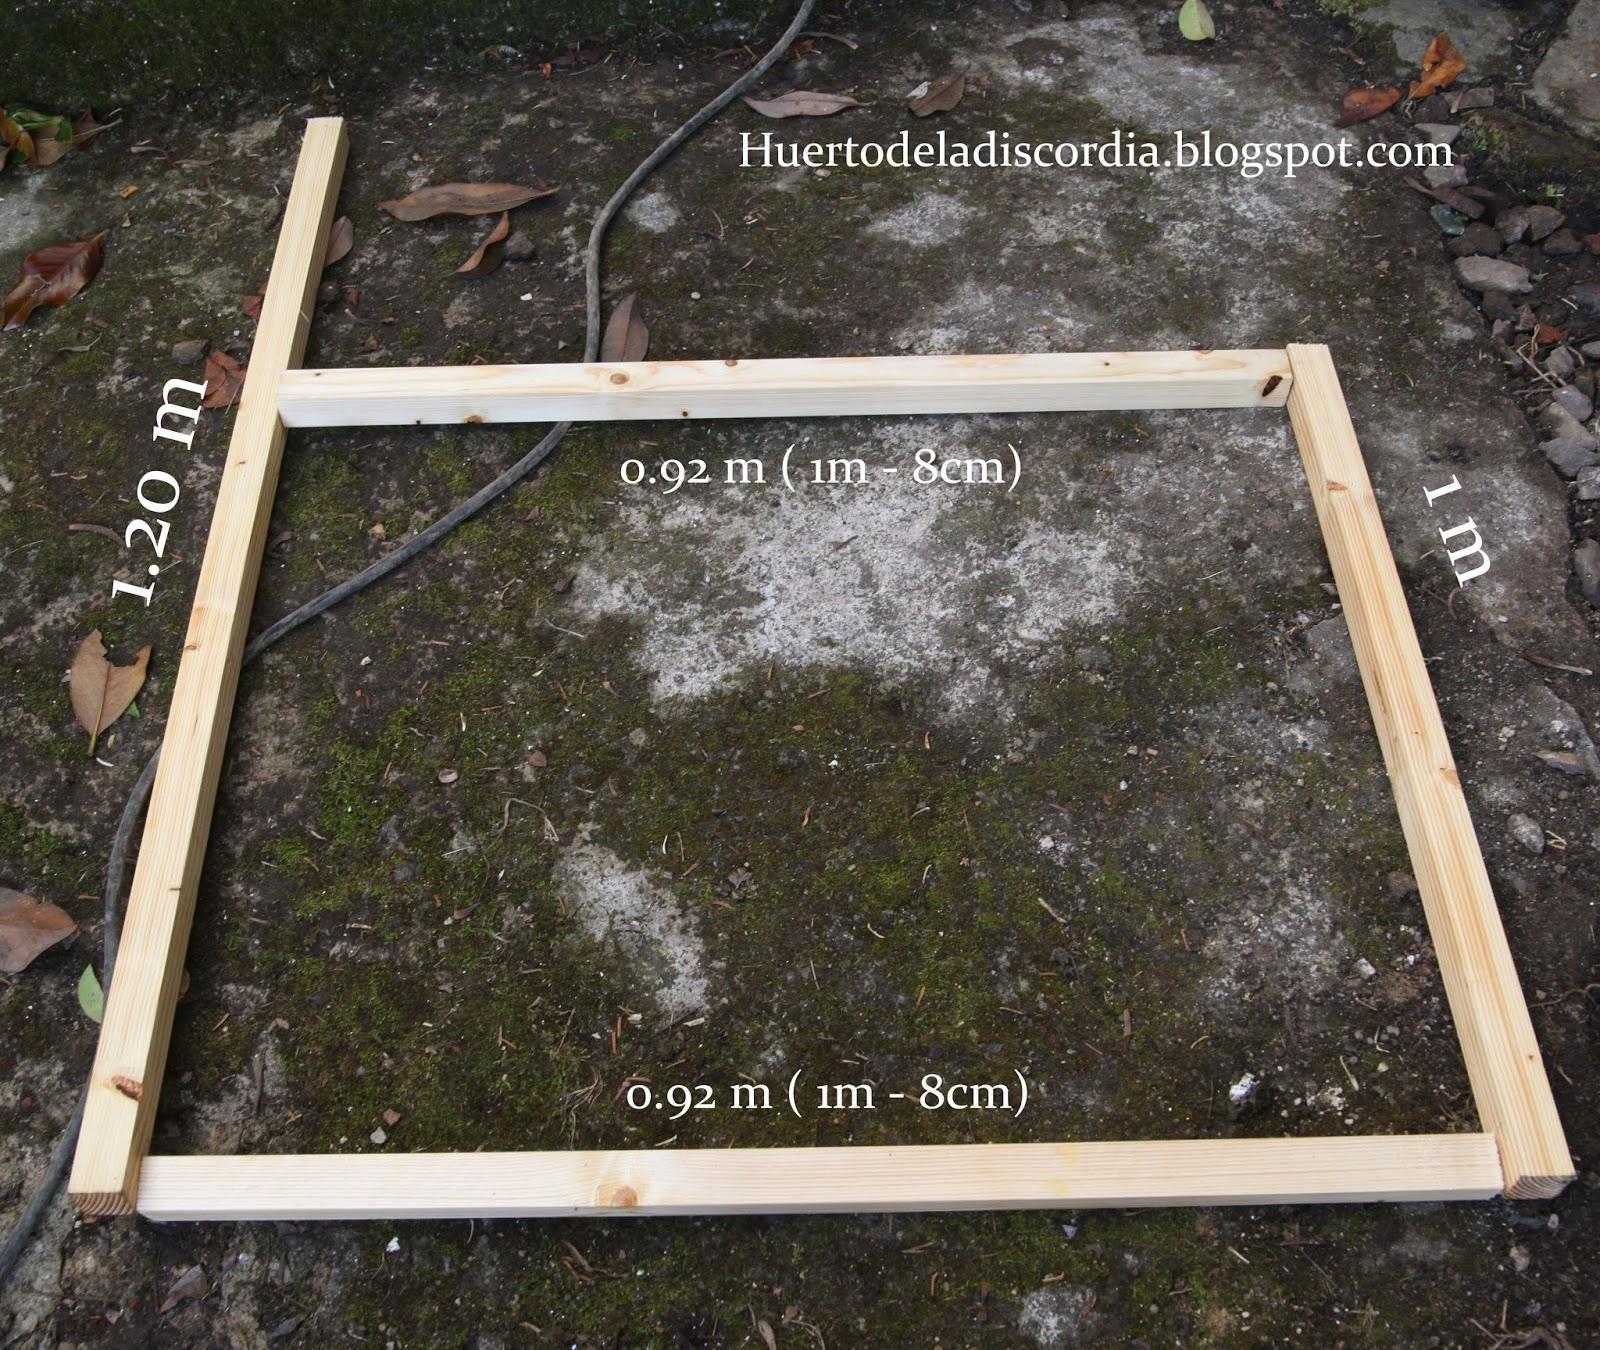 El huerto de la discordia c mo construir un gallinero casero - Como construir un tejado ...